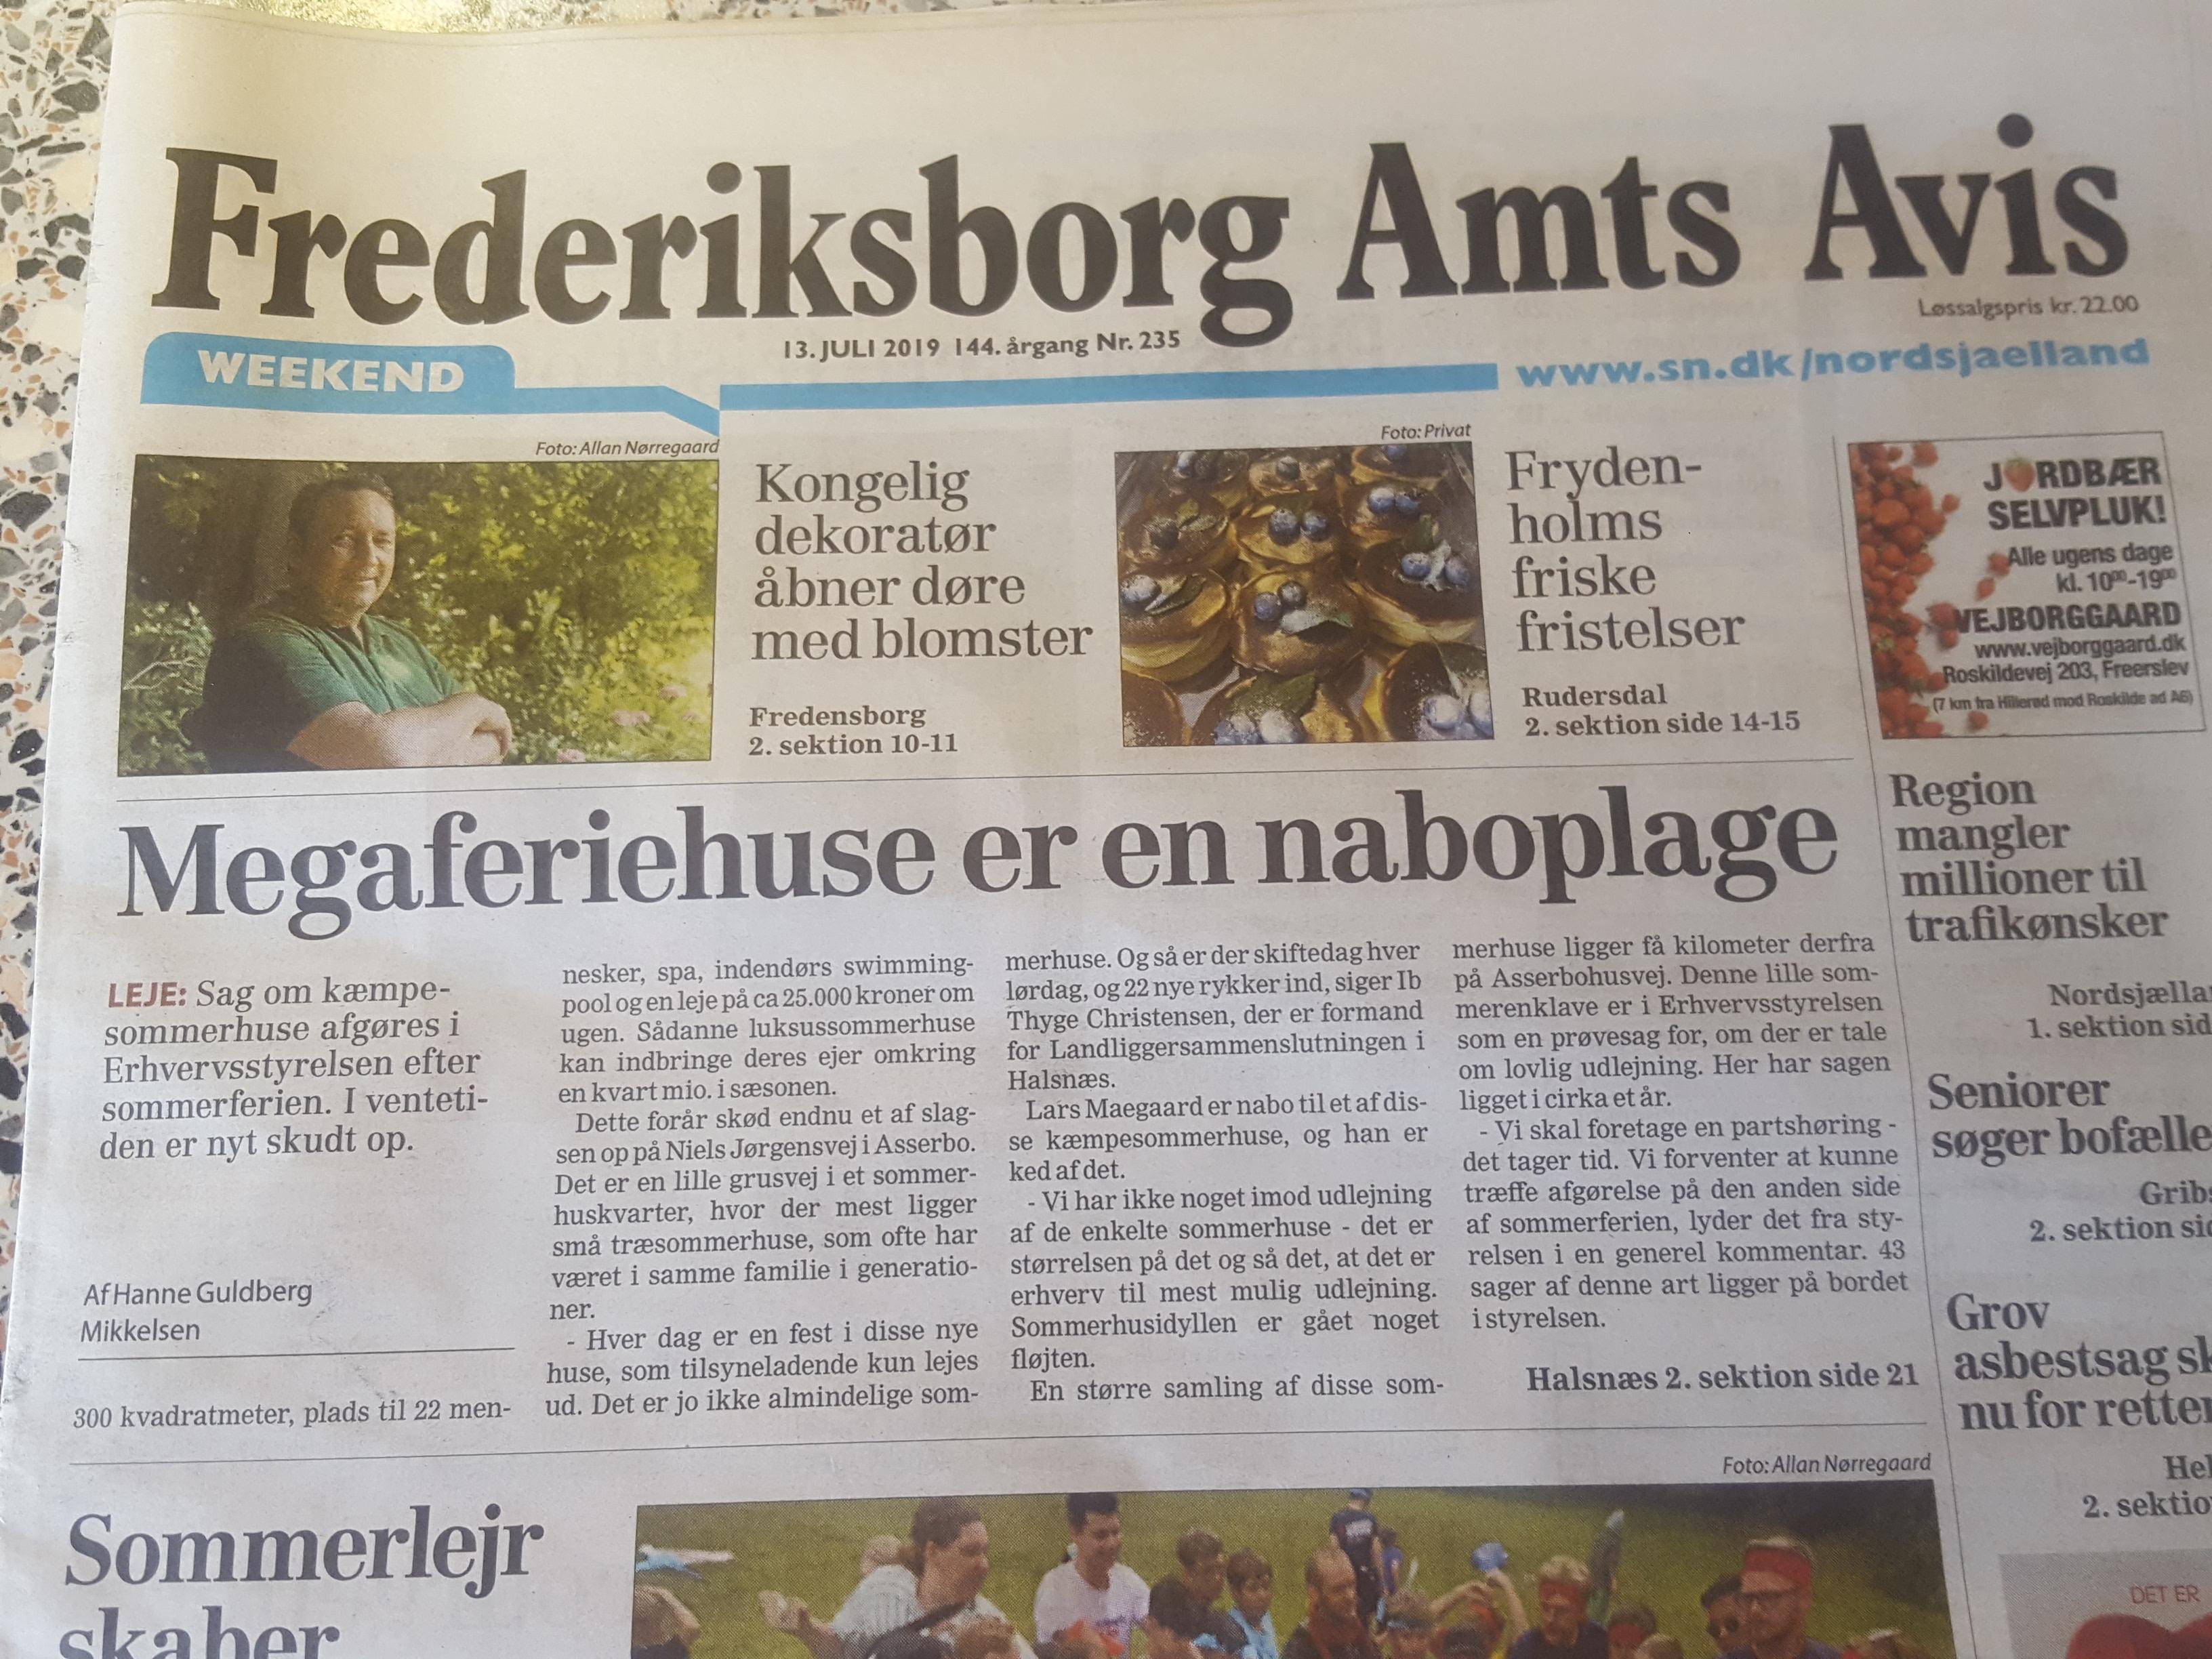 Frederiksborg Amts Avis 13.7.2019 - Megaferiehuse